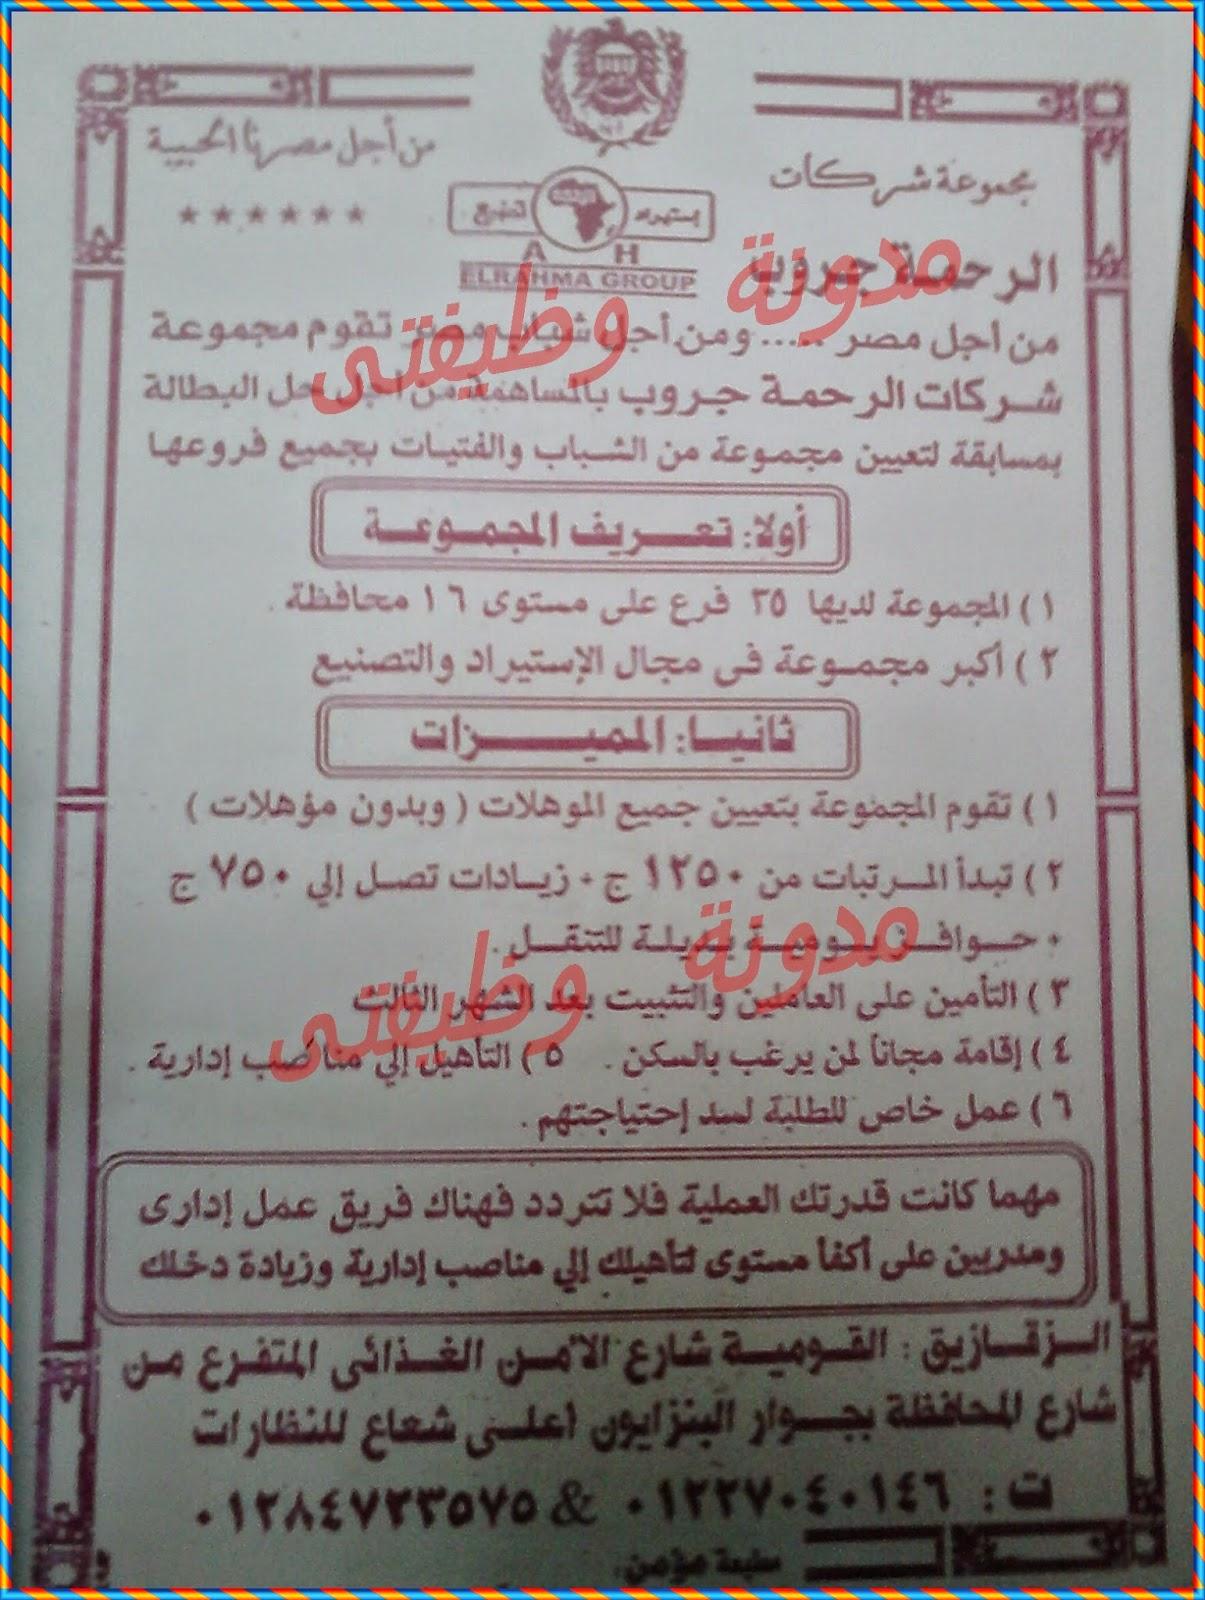 وظائف خاليه في محافظة الشرقيه مصر 2014 فرص عمل